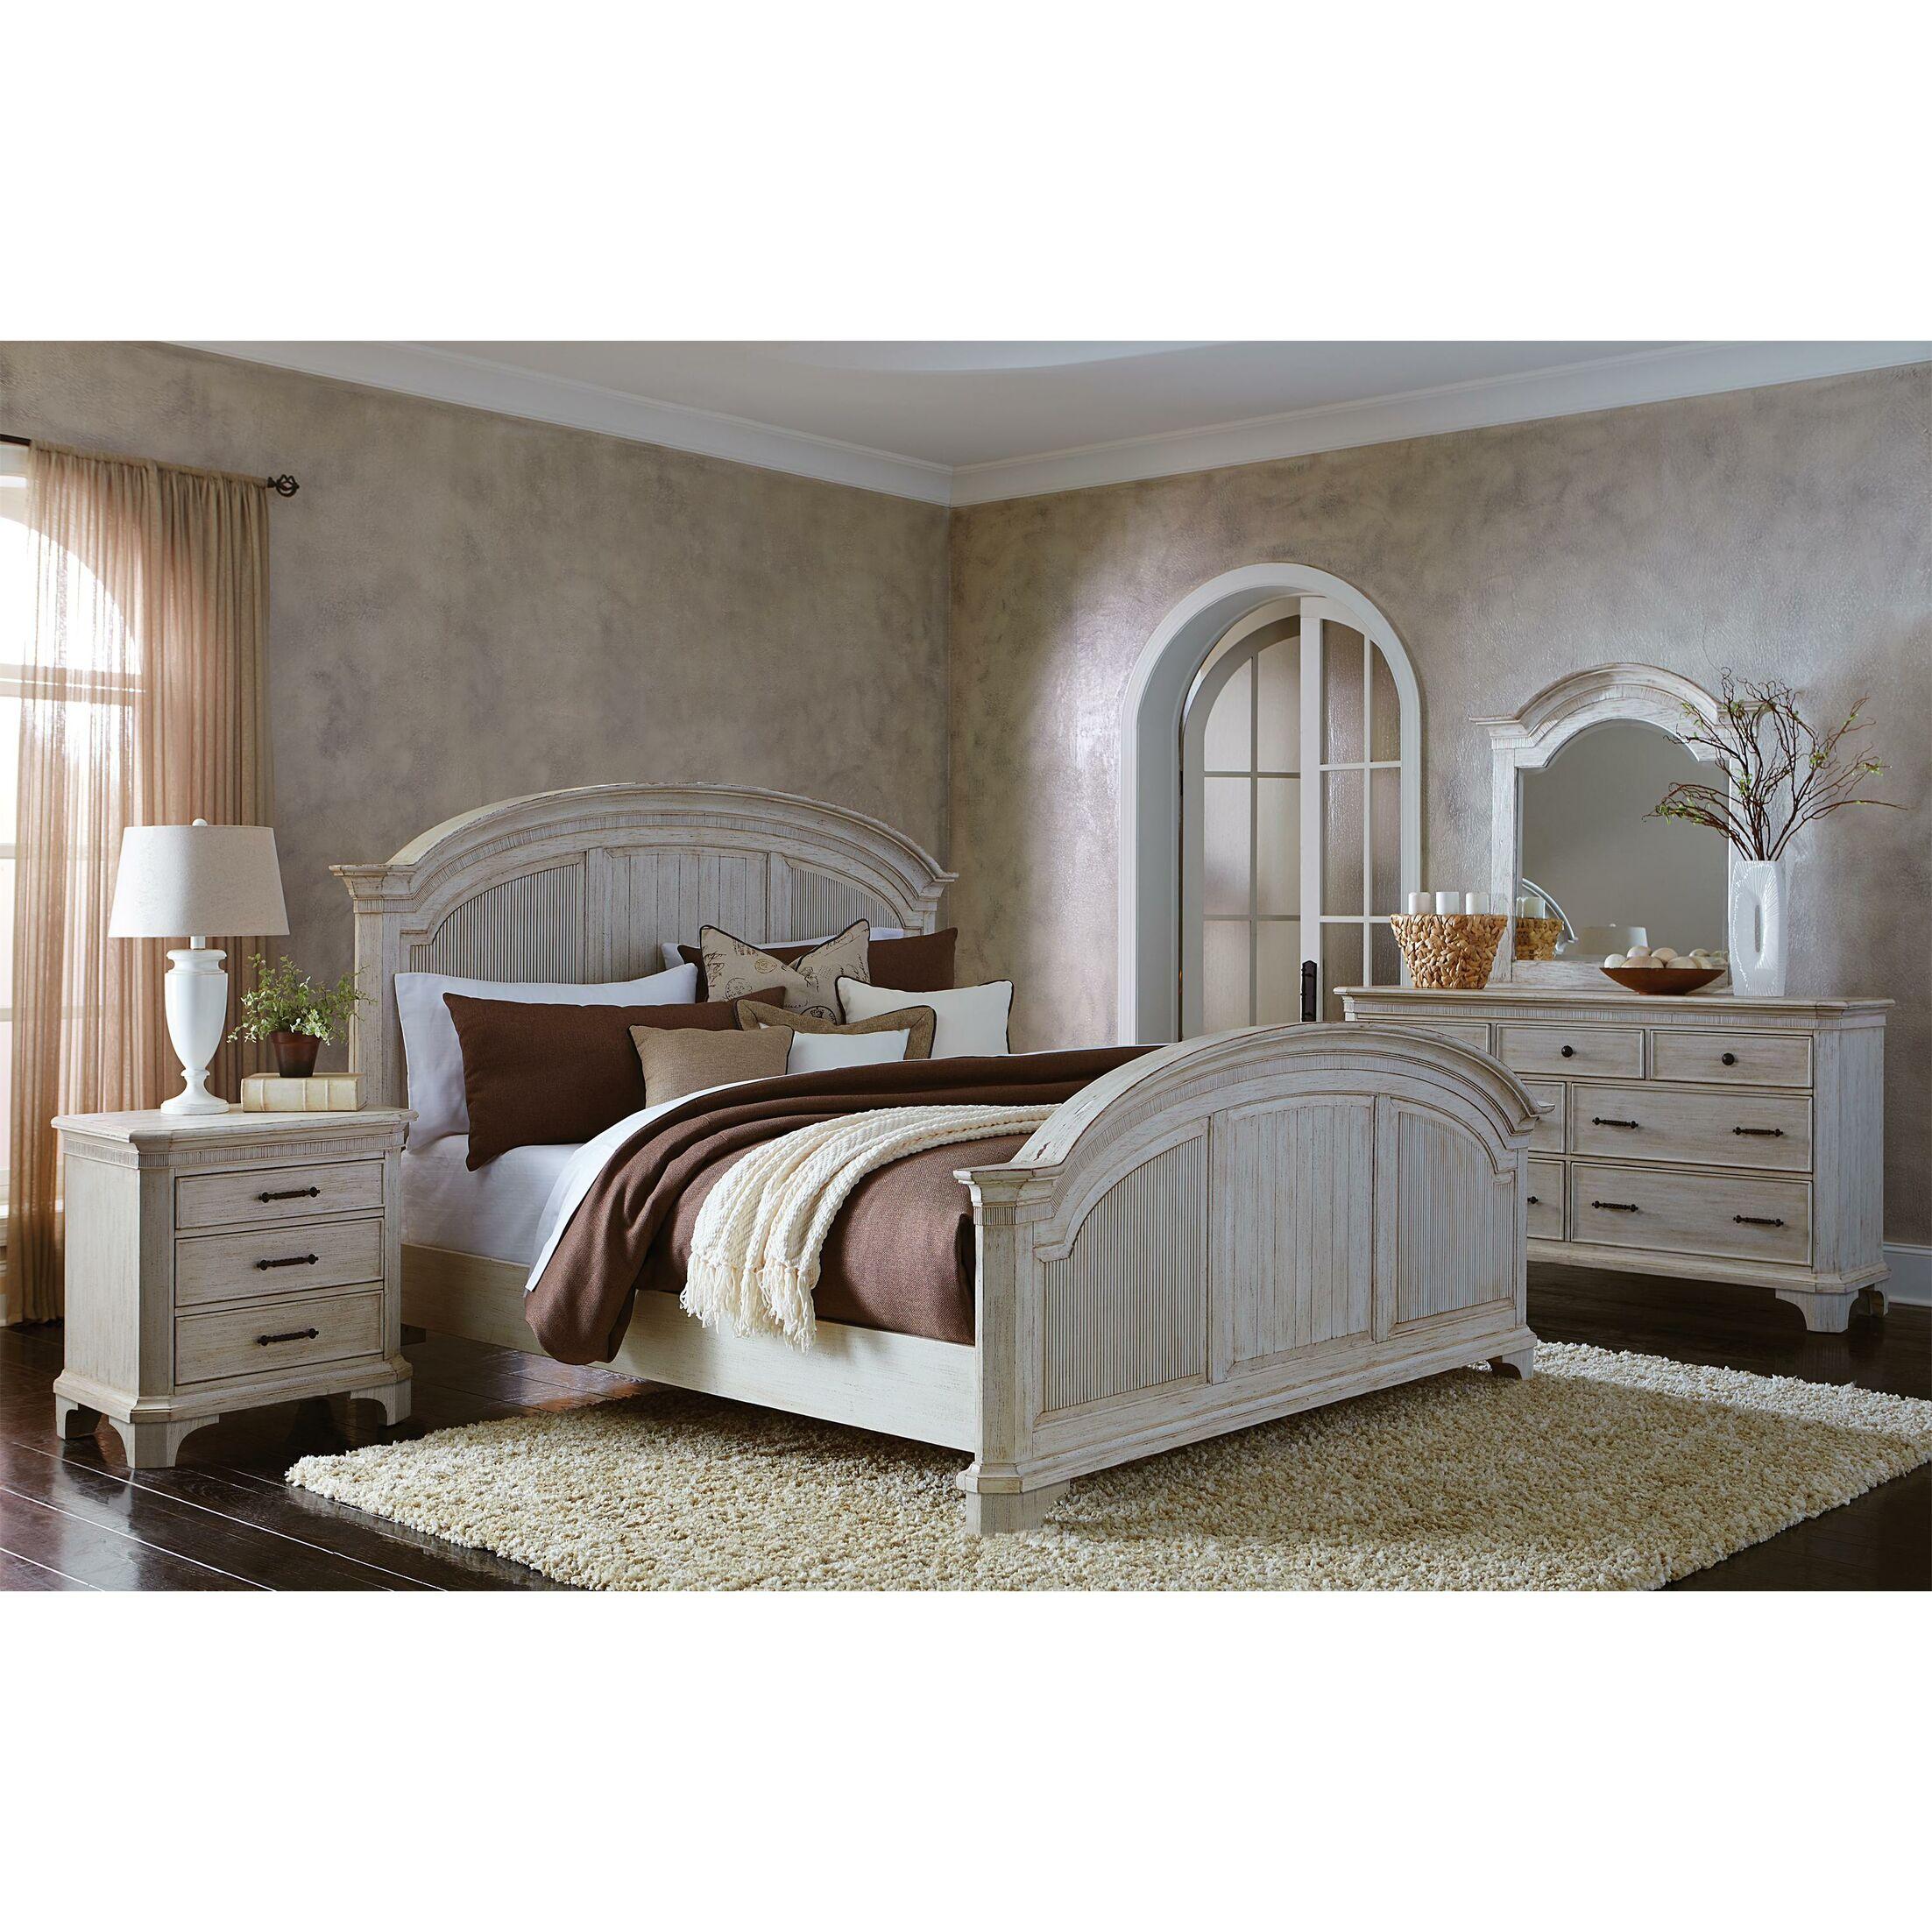 Turenne Panel Bed